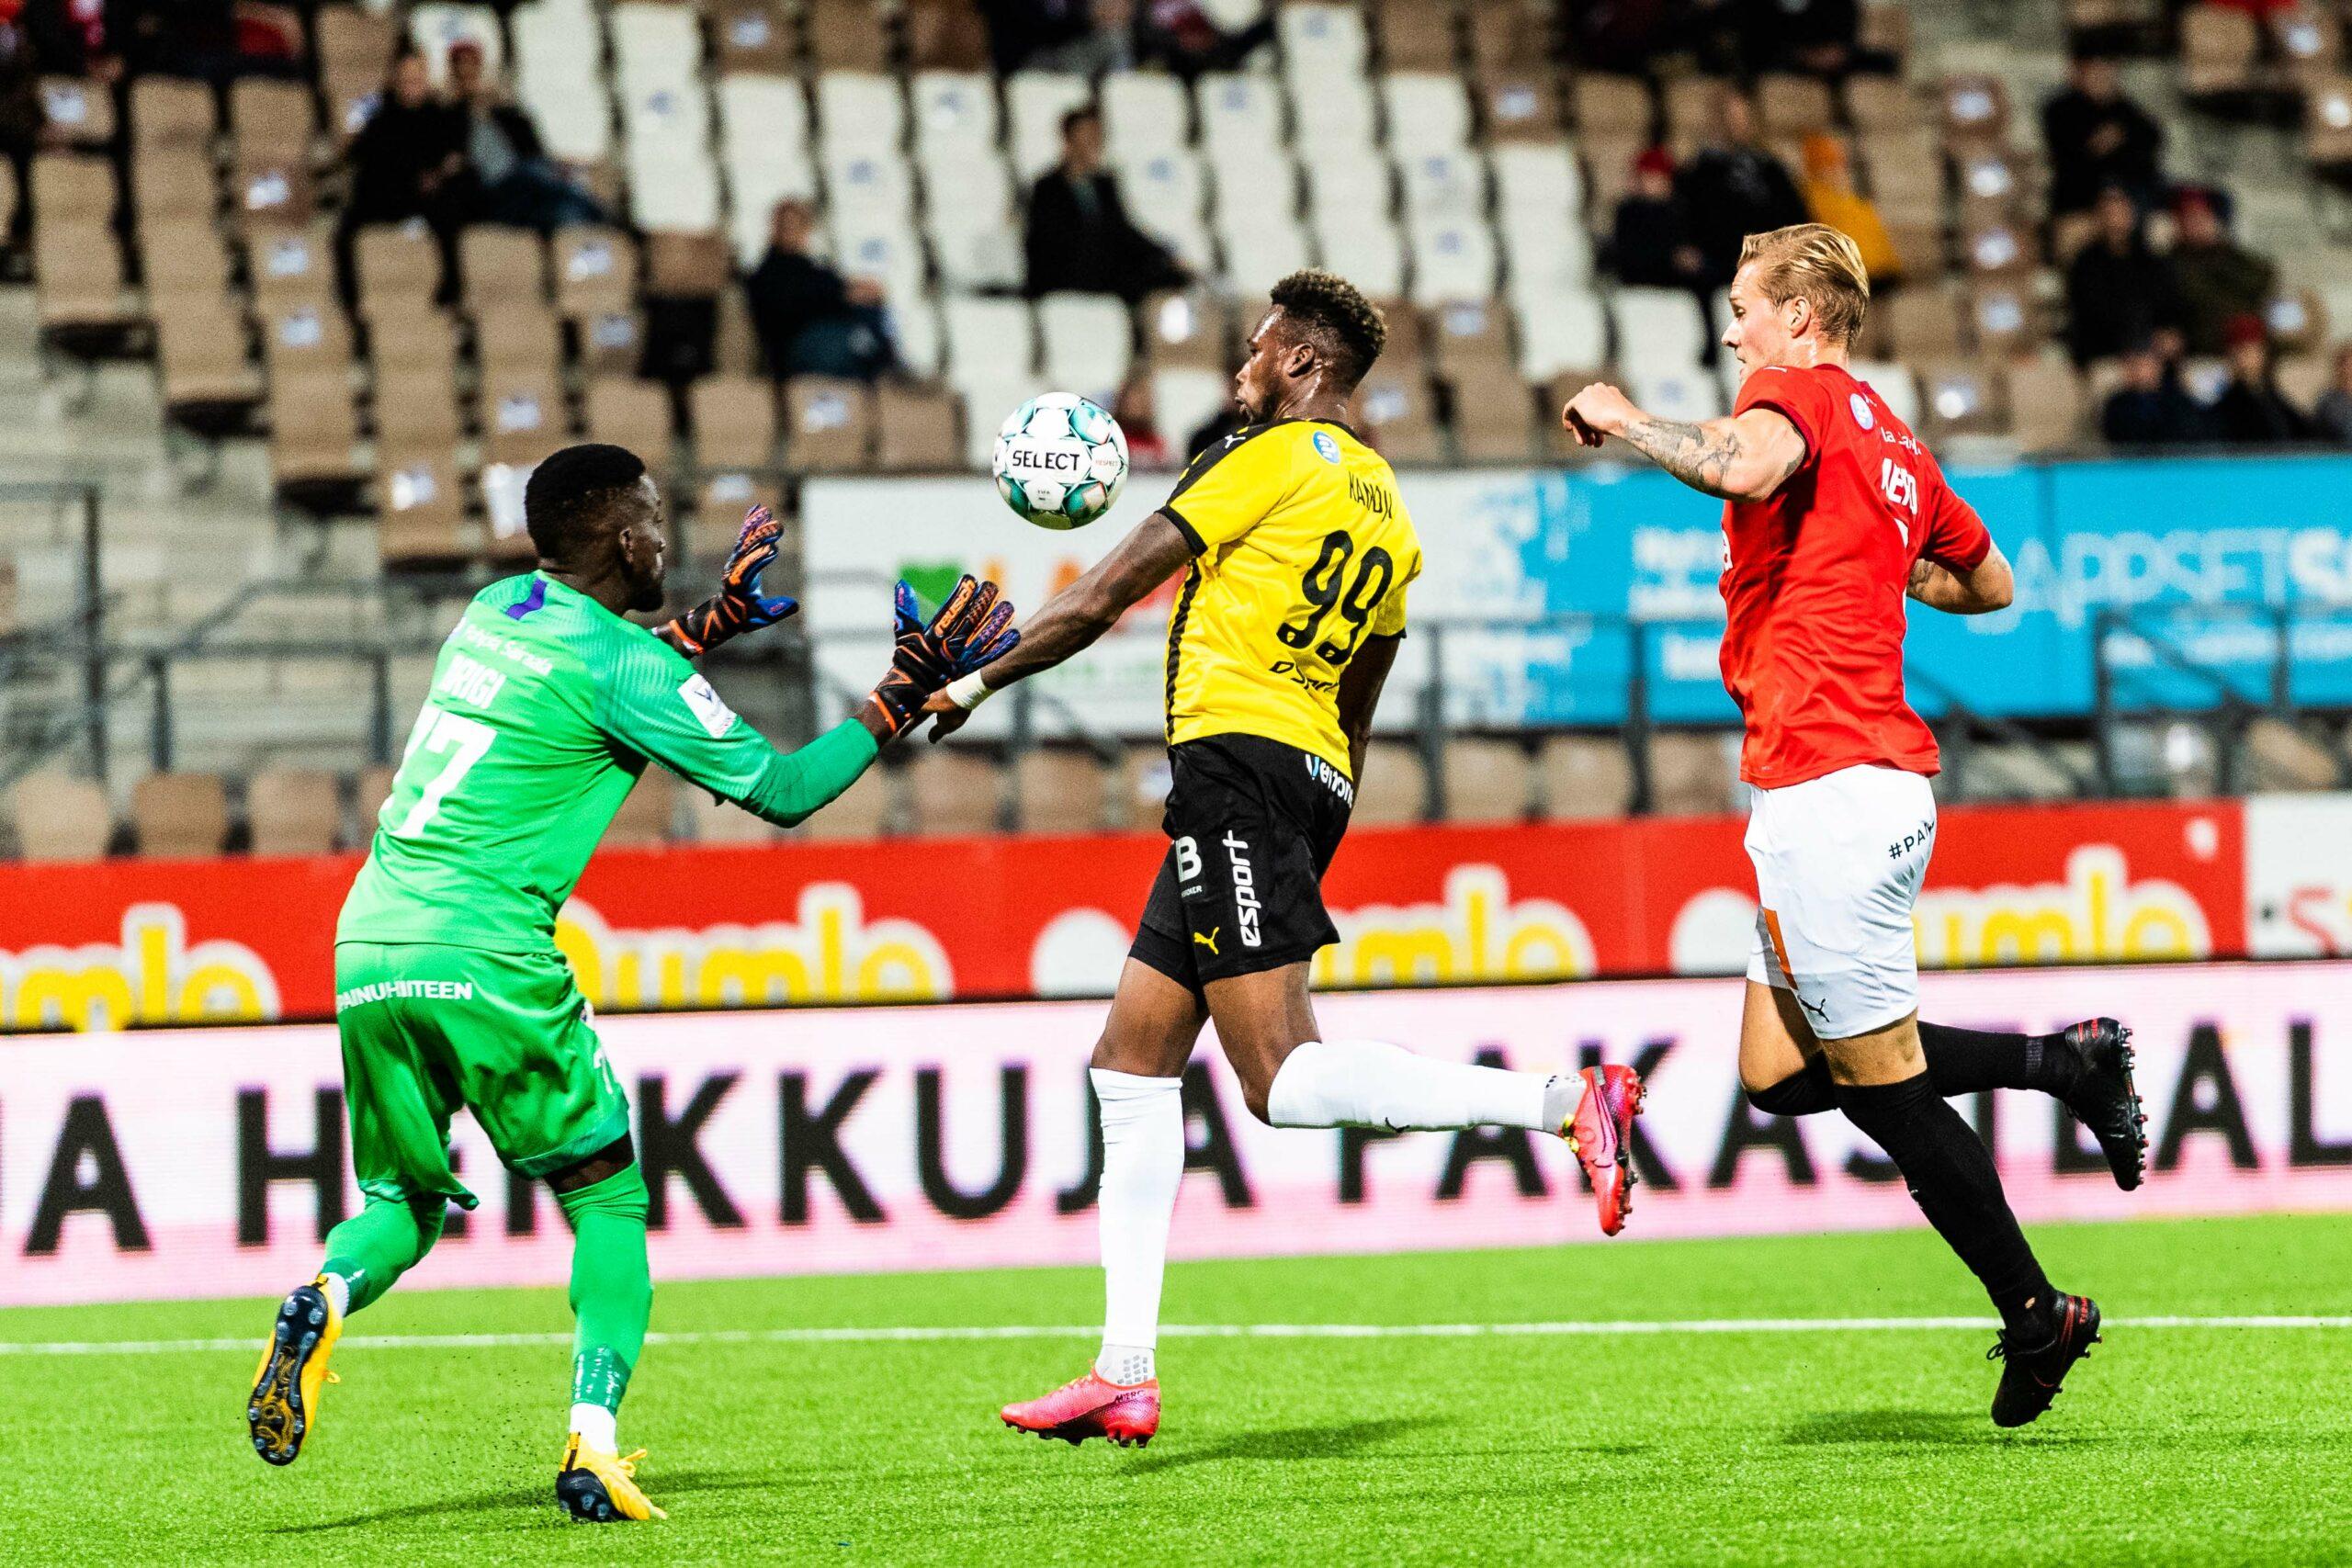 Otteluraportti: FC Honka nousi tasoihin lisäajalla